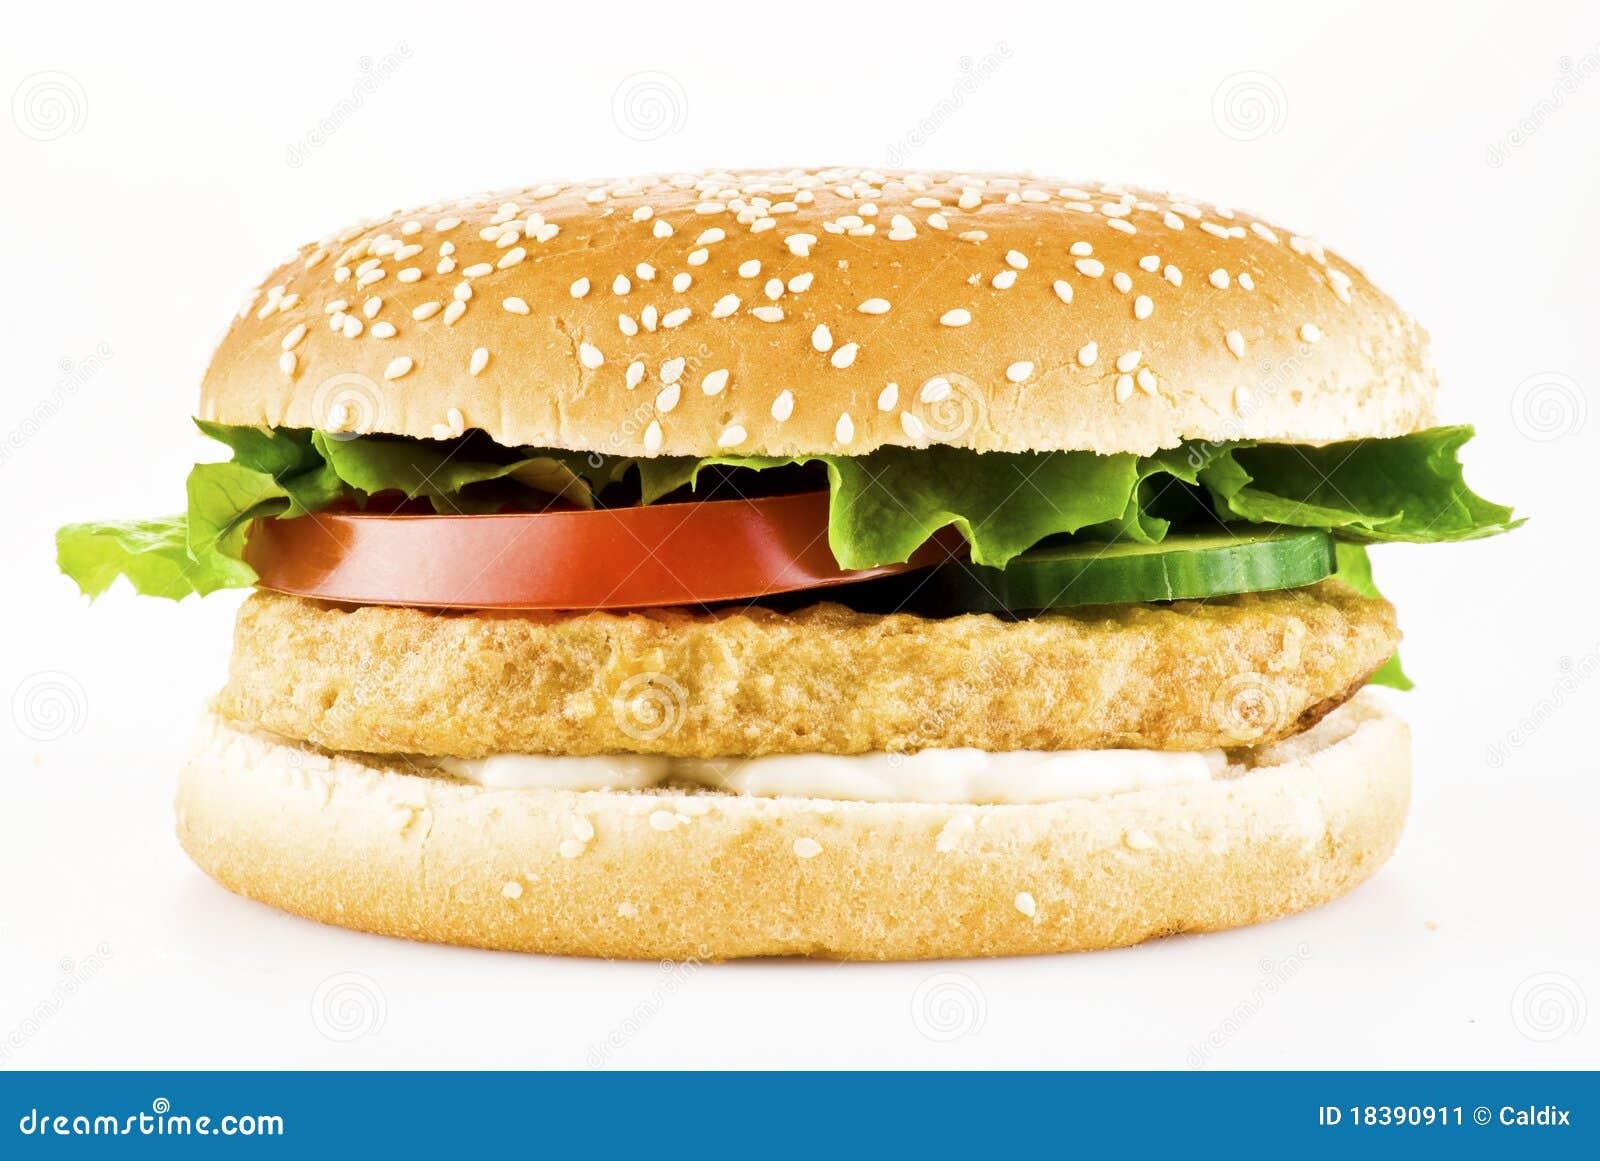 цыпленок бургера